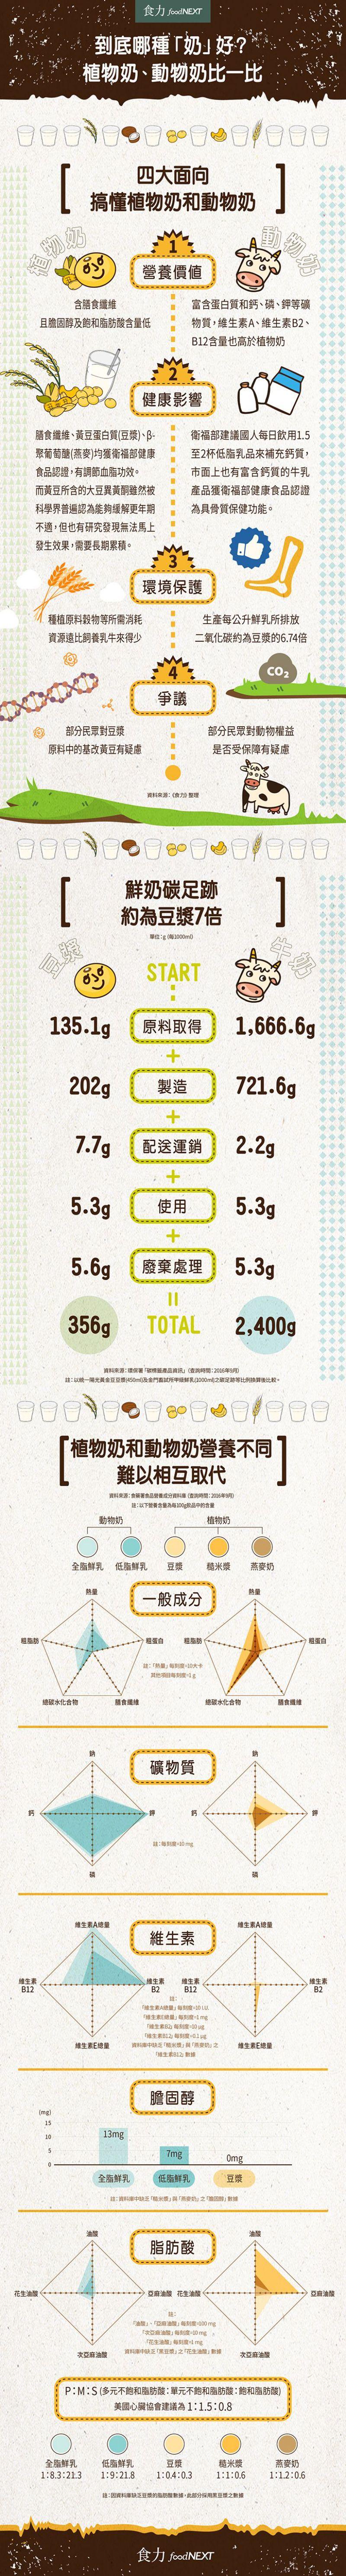 圖表 植物奶、動物奶比一比